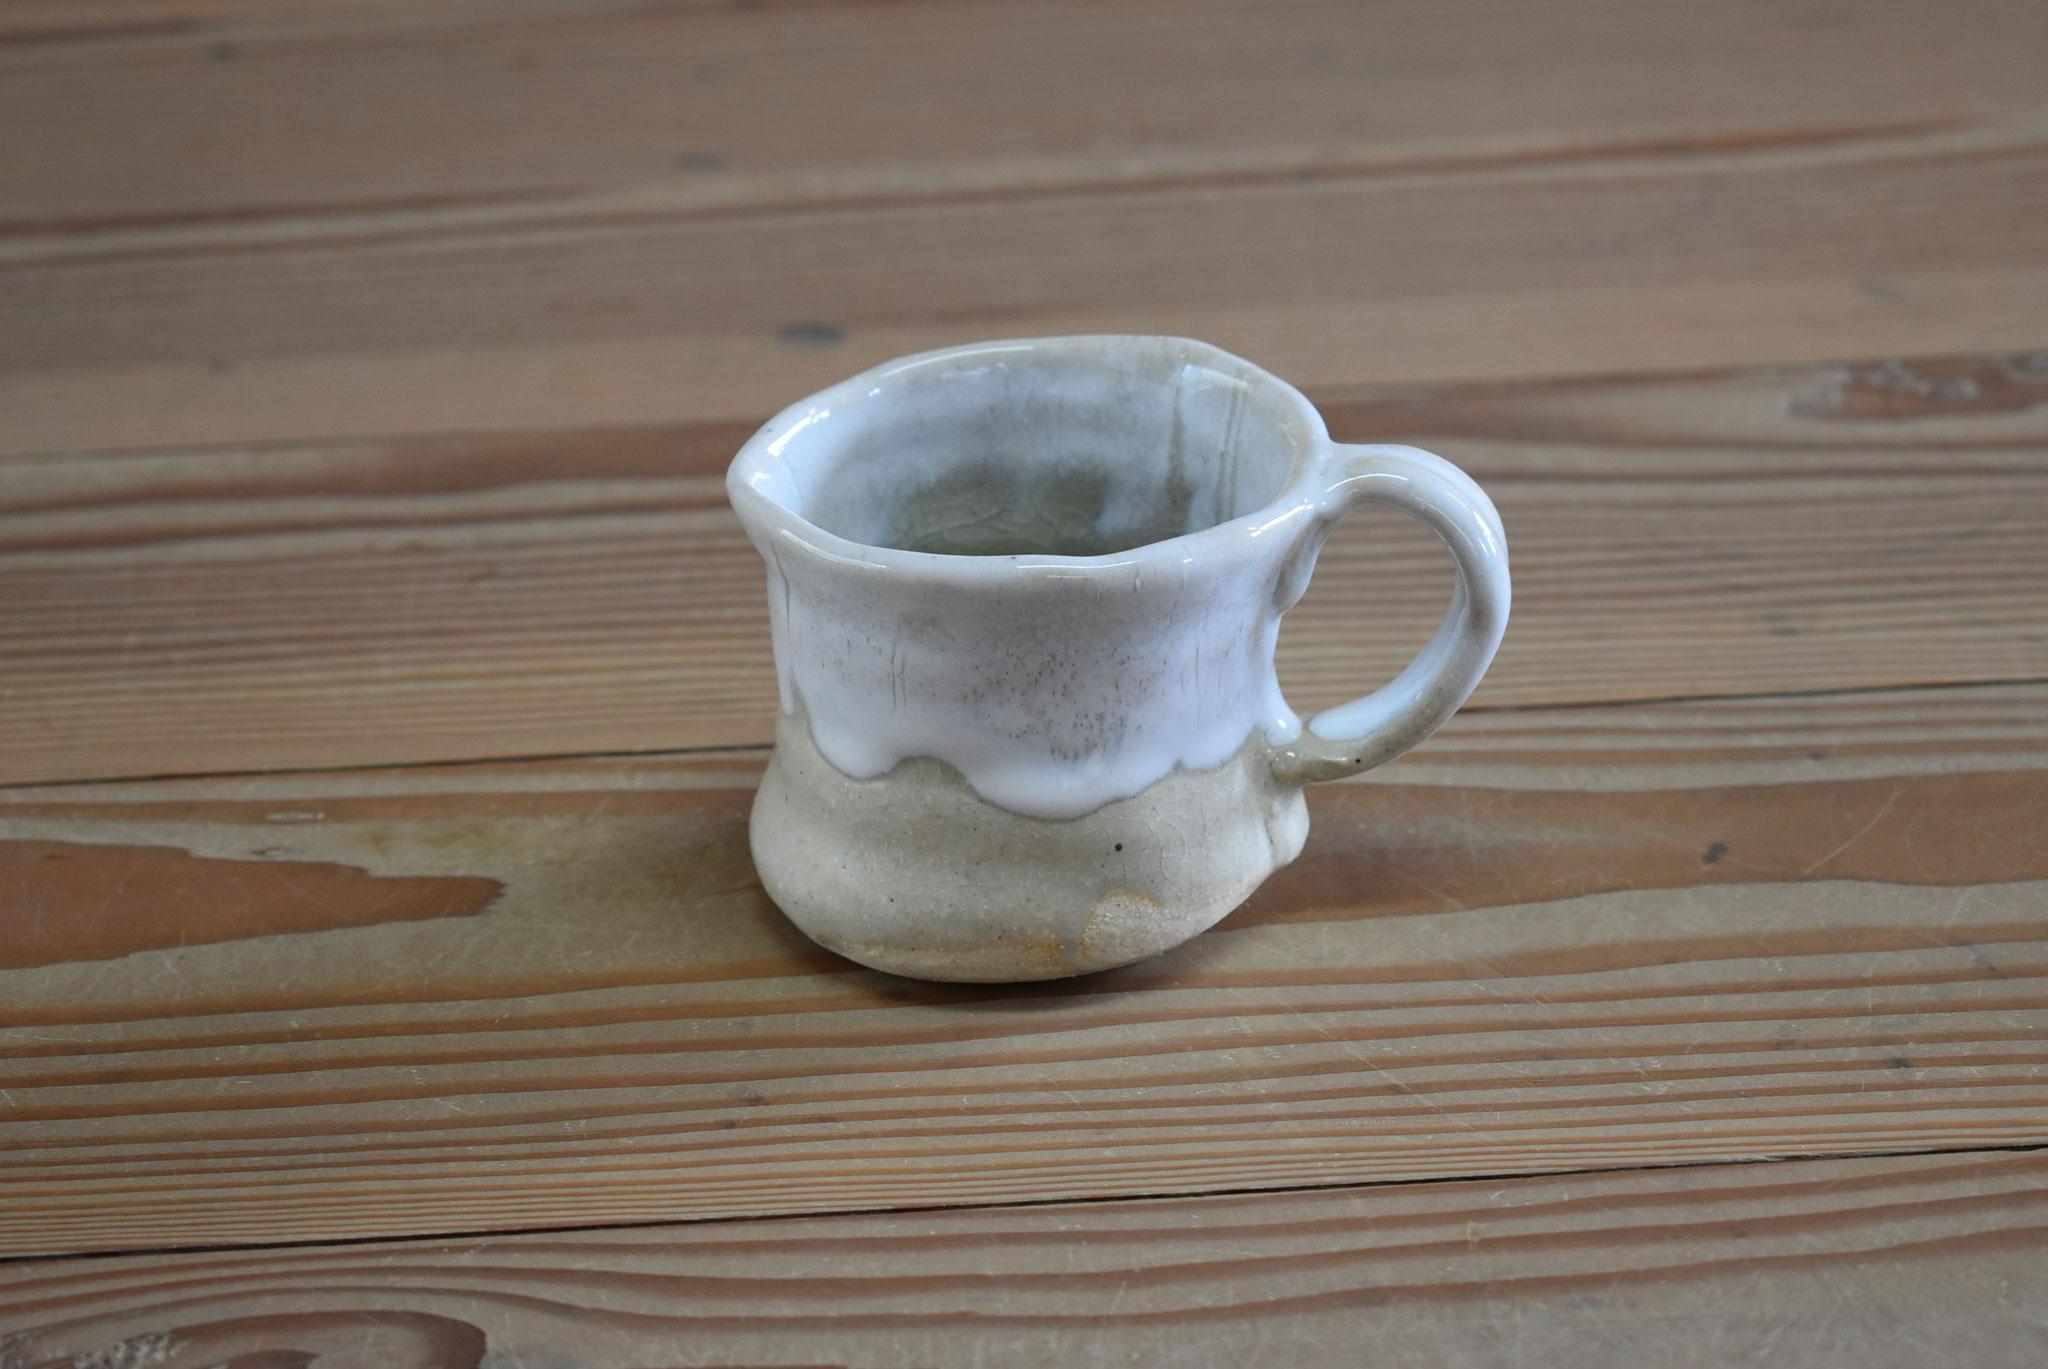 カップ:白土におふけ釉、口元に白マット釉